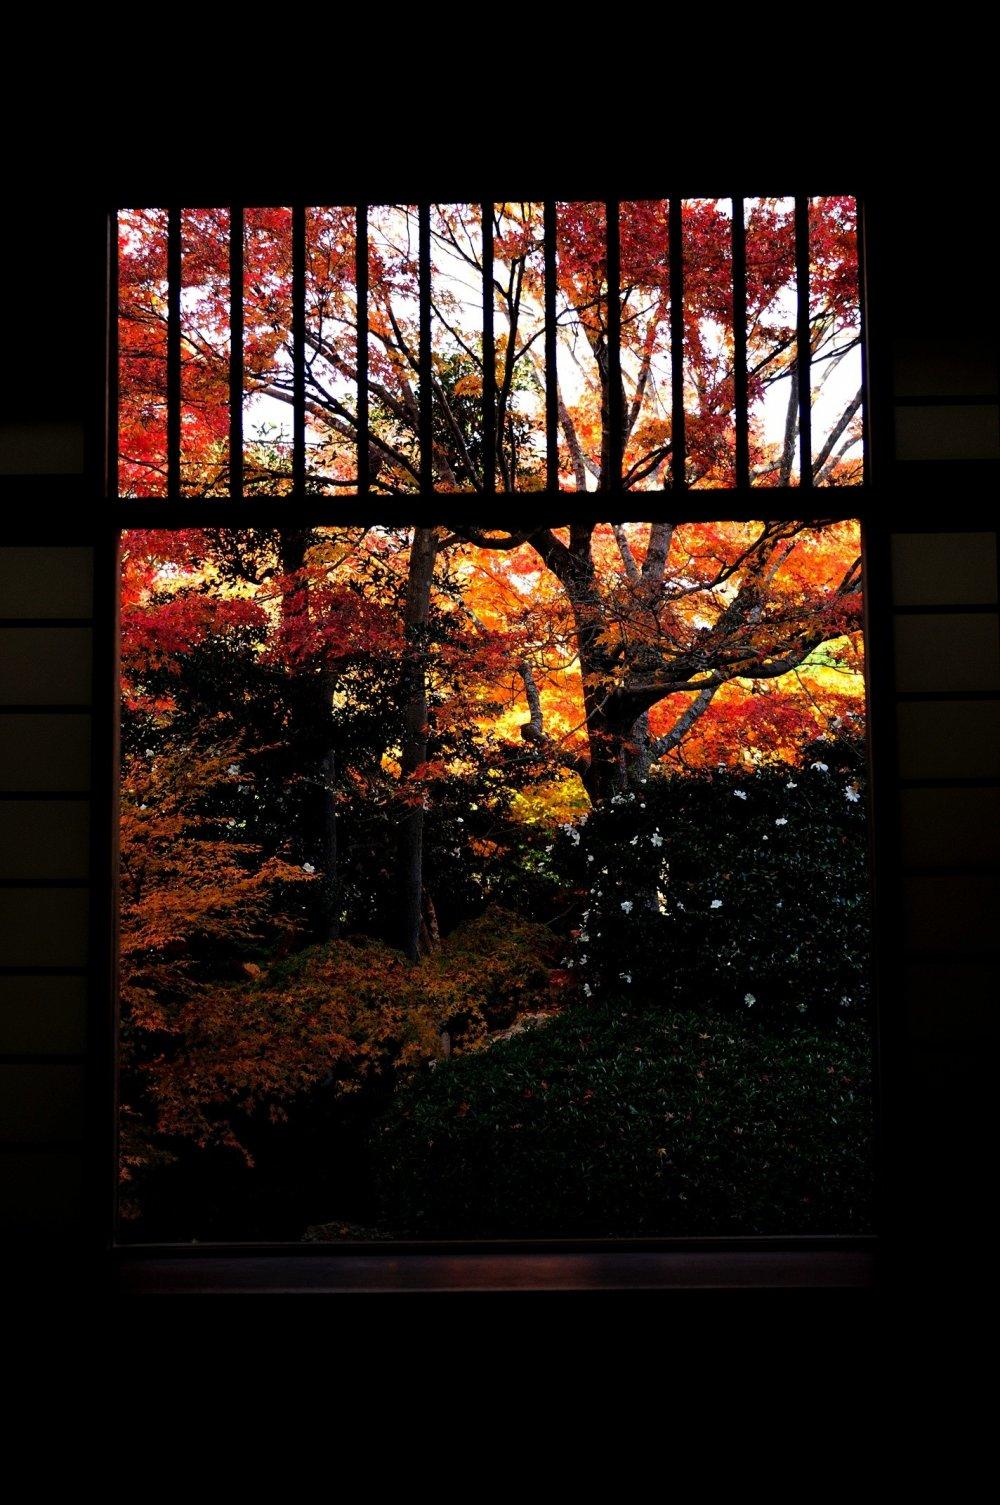 迷いの窓も今日ばかりは唯無心に眺めただけ